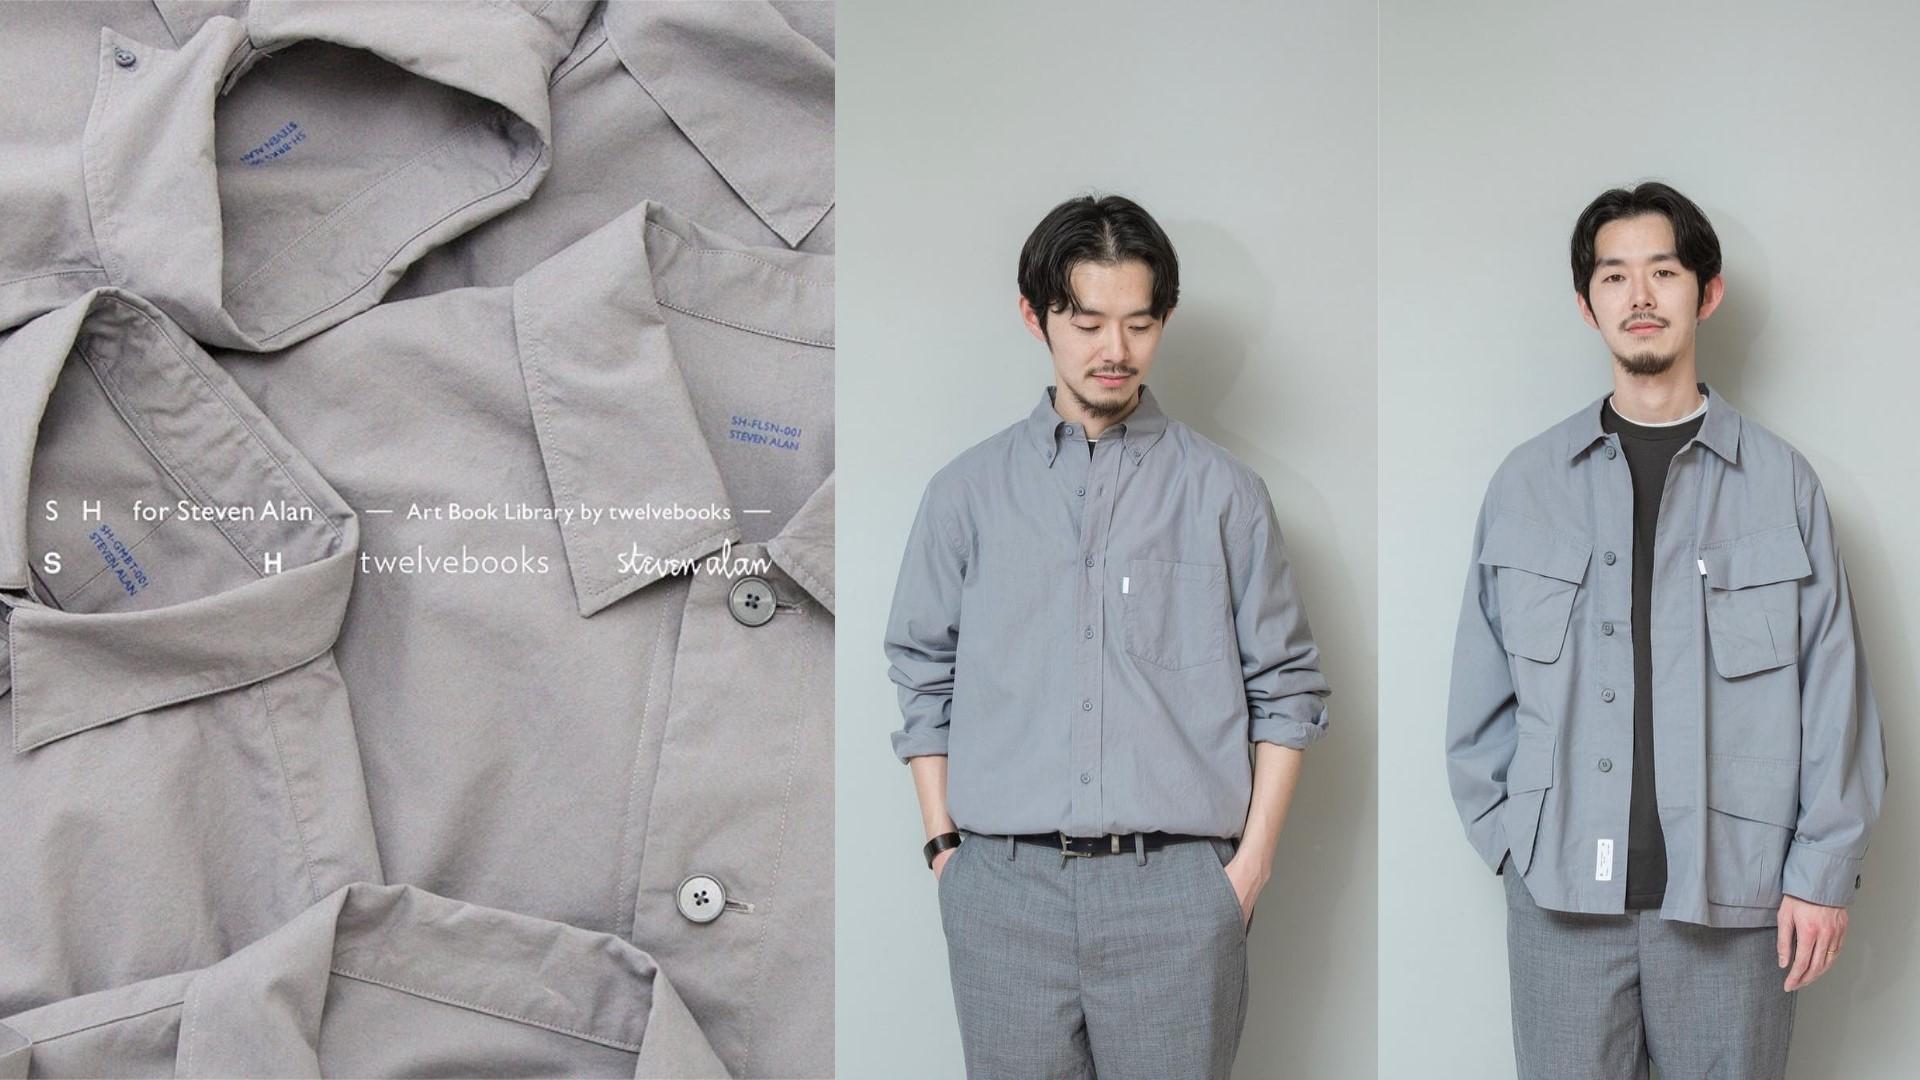 襯衫愛好者必入!「Steven Alan」與日本襯衫品牌「S H」展開聯名